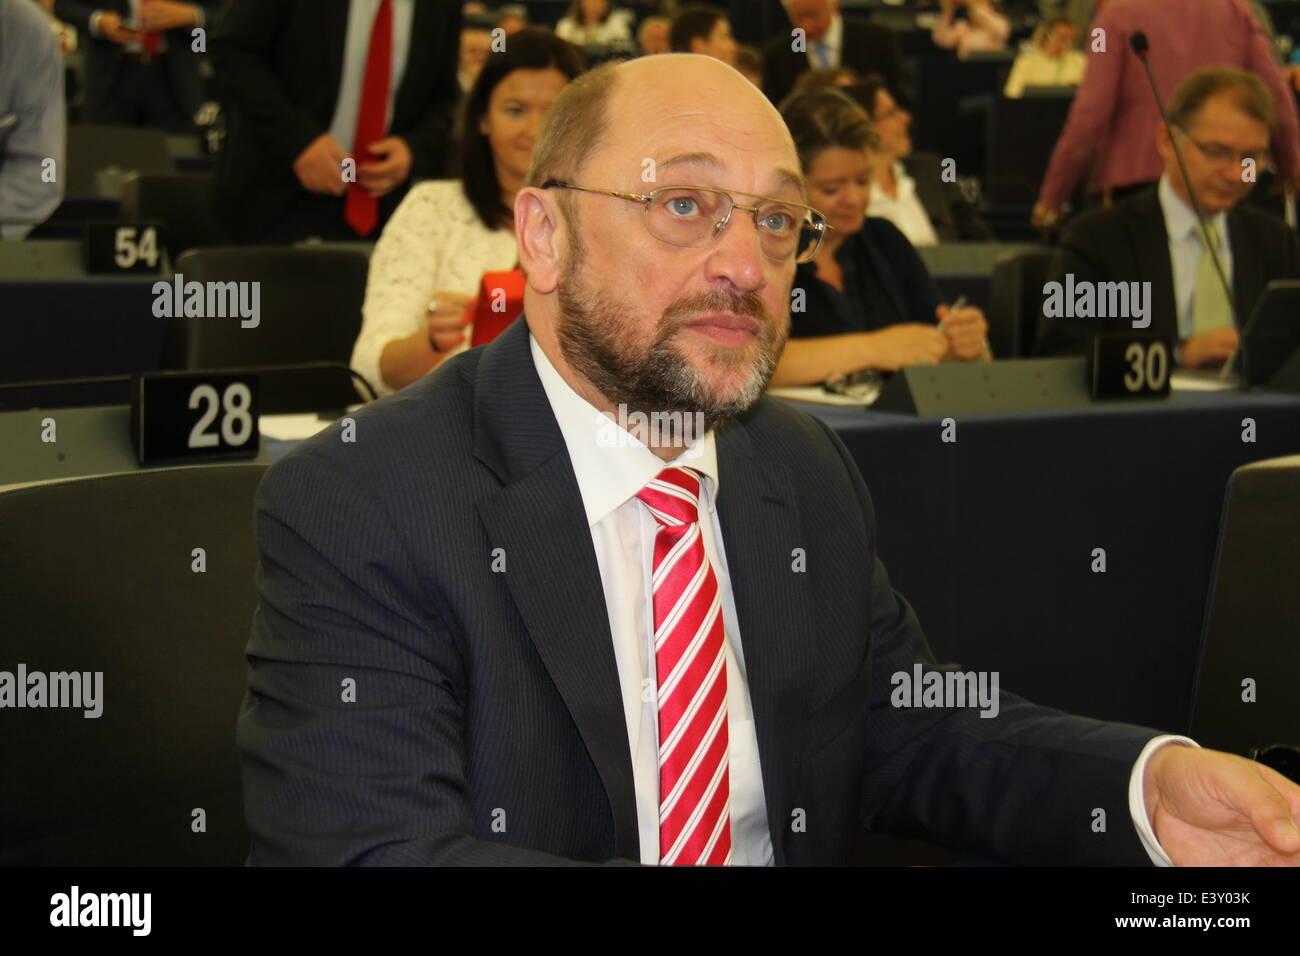 Strasburgo, Francia. 1 Luglio, 2014. Martin Schulz attende per le votazioni per il presidente del Parlamento europeo Immagini Stock